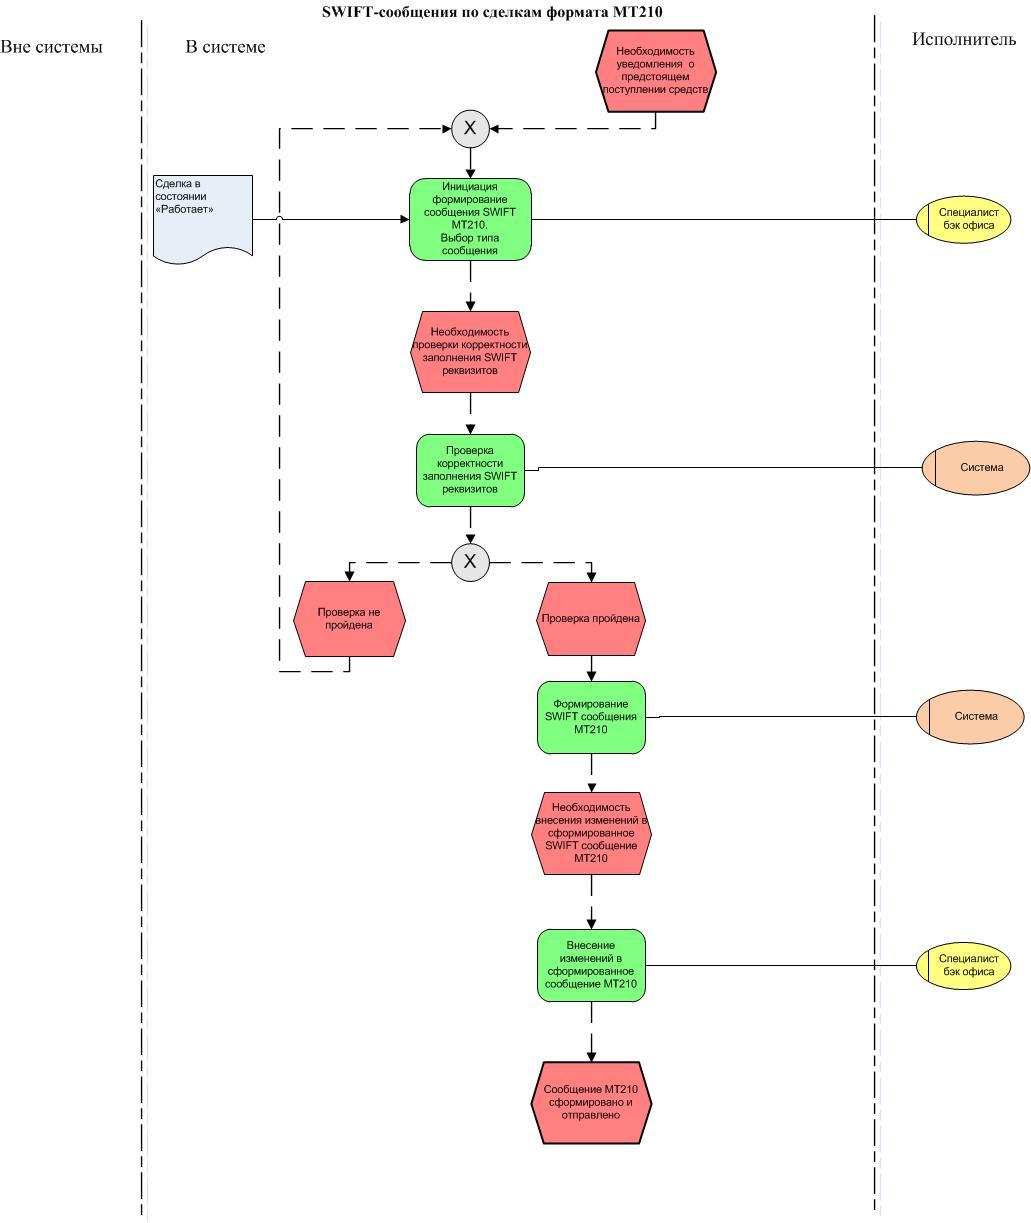 Схема приёма цитросепта